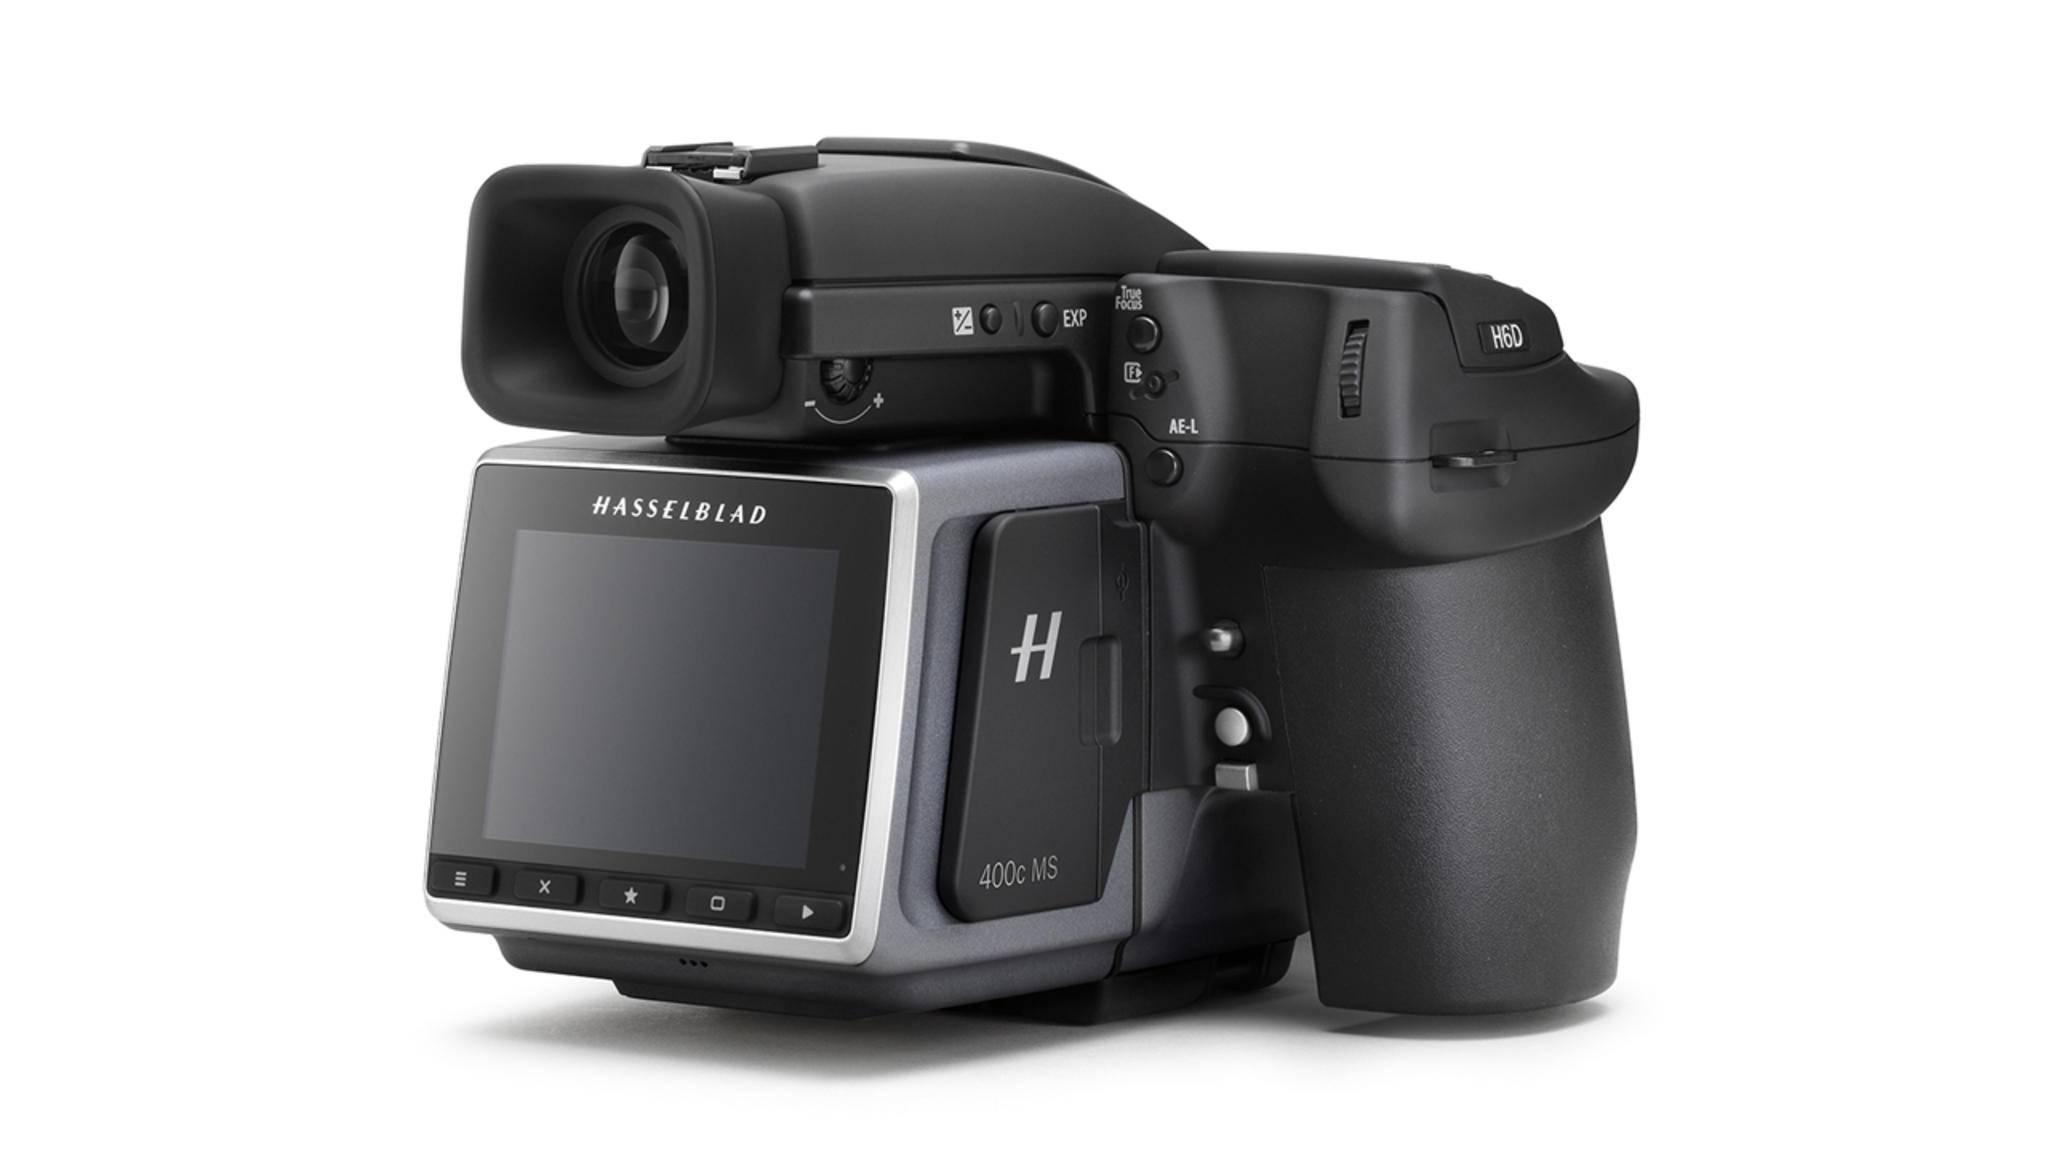 Die Hasselblad H6D nimmt Bilder mit bis zu 400 Megapixeln auf.